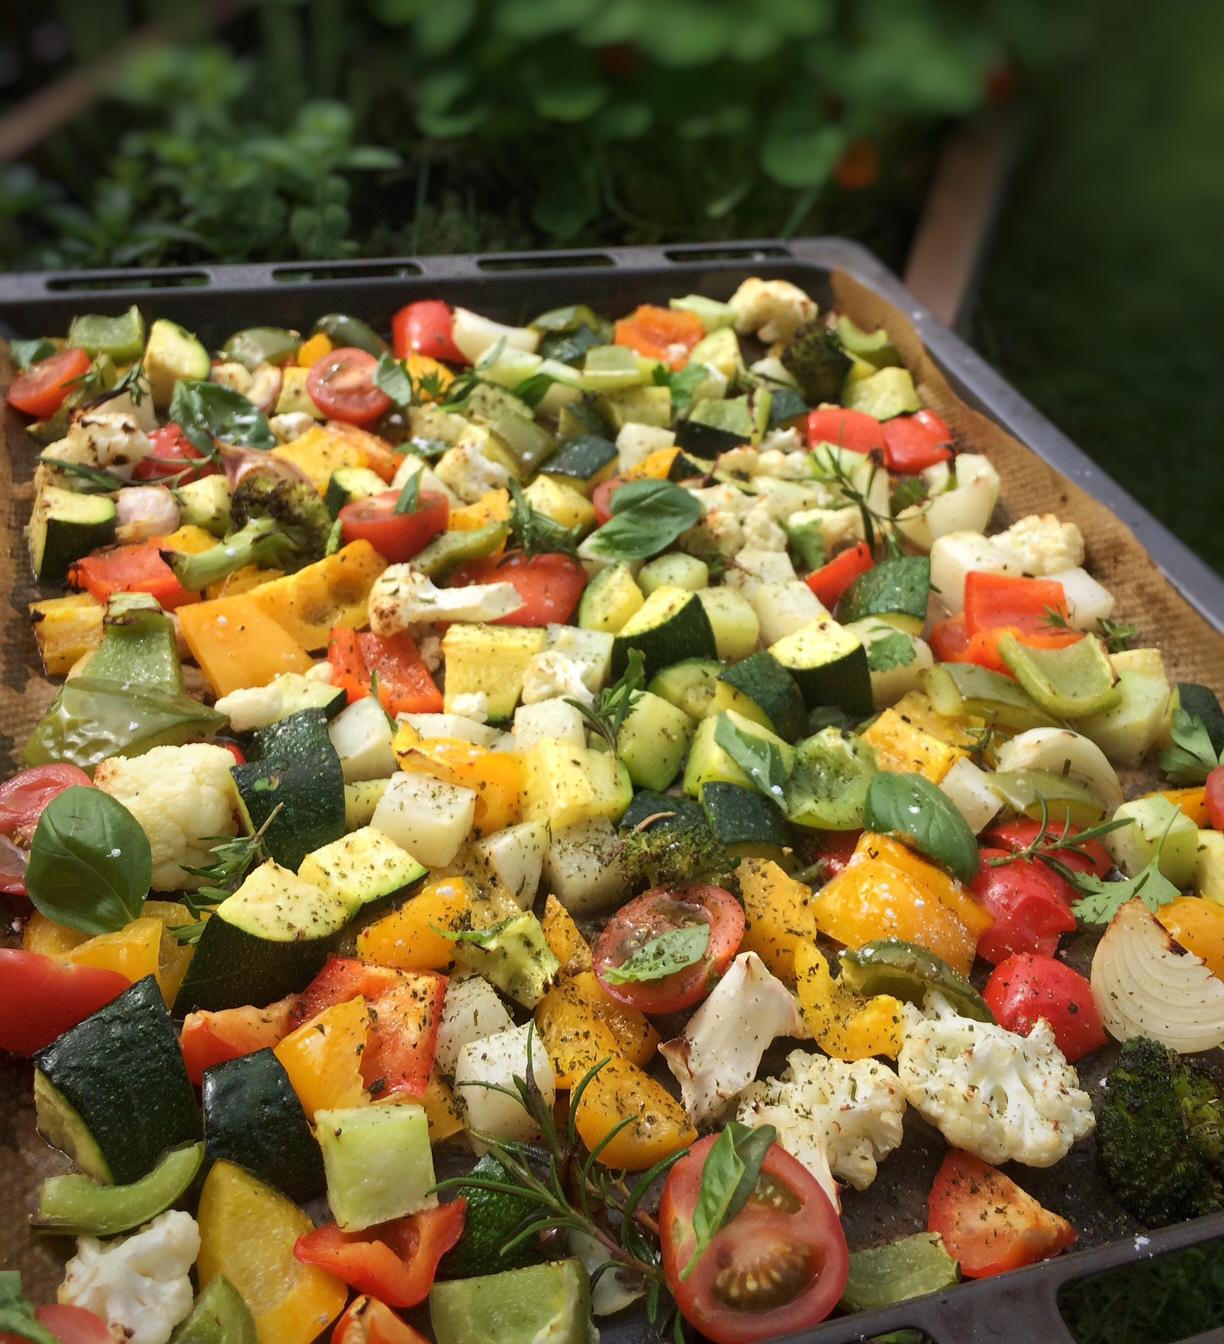 Bunter Gemüsesalat mit aromatischem Kräuteröl